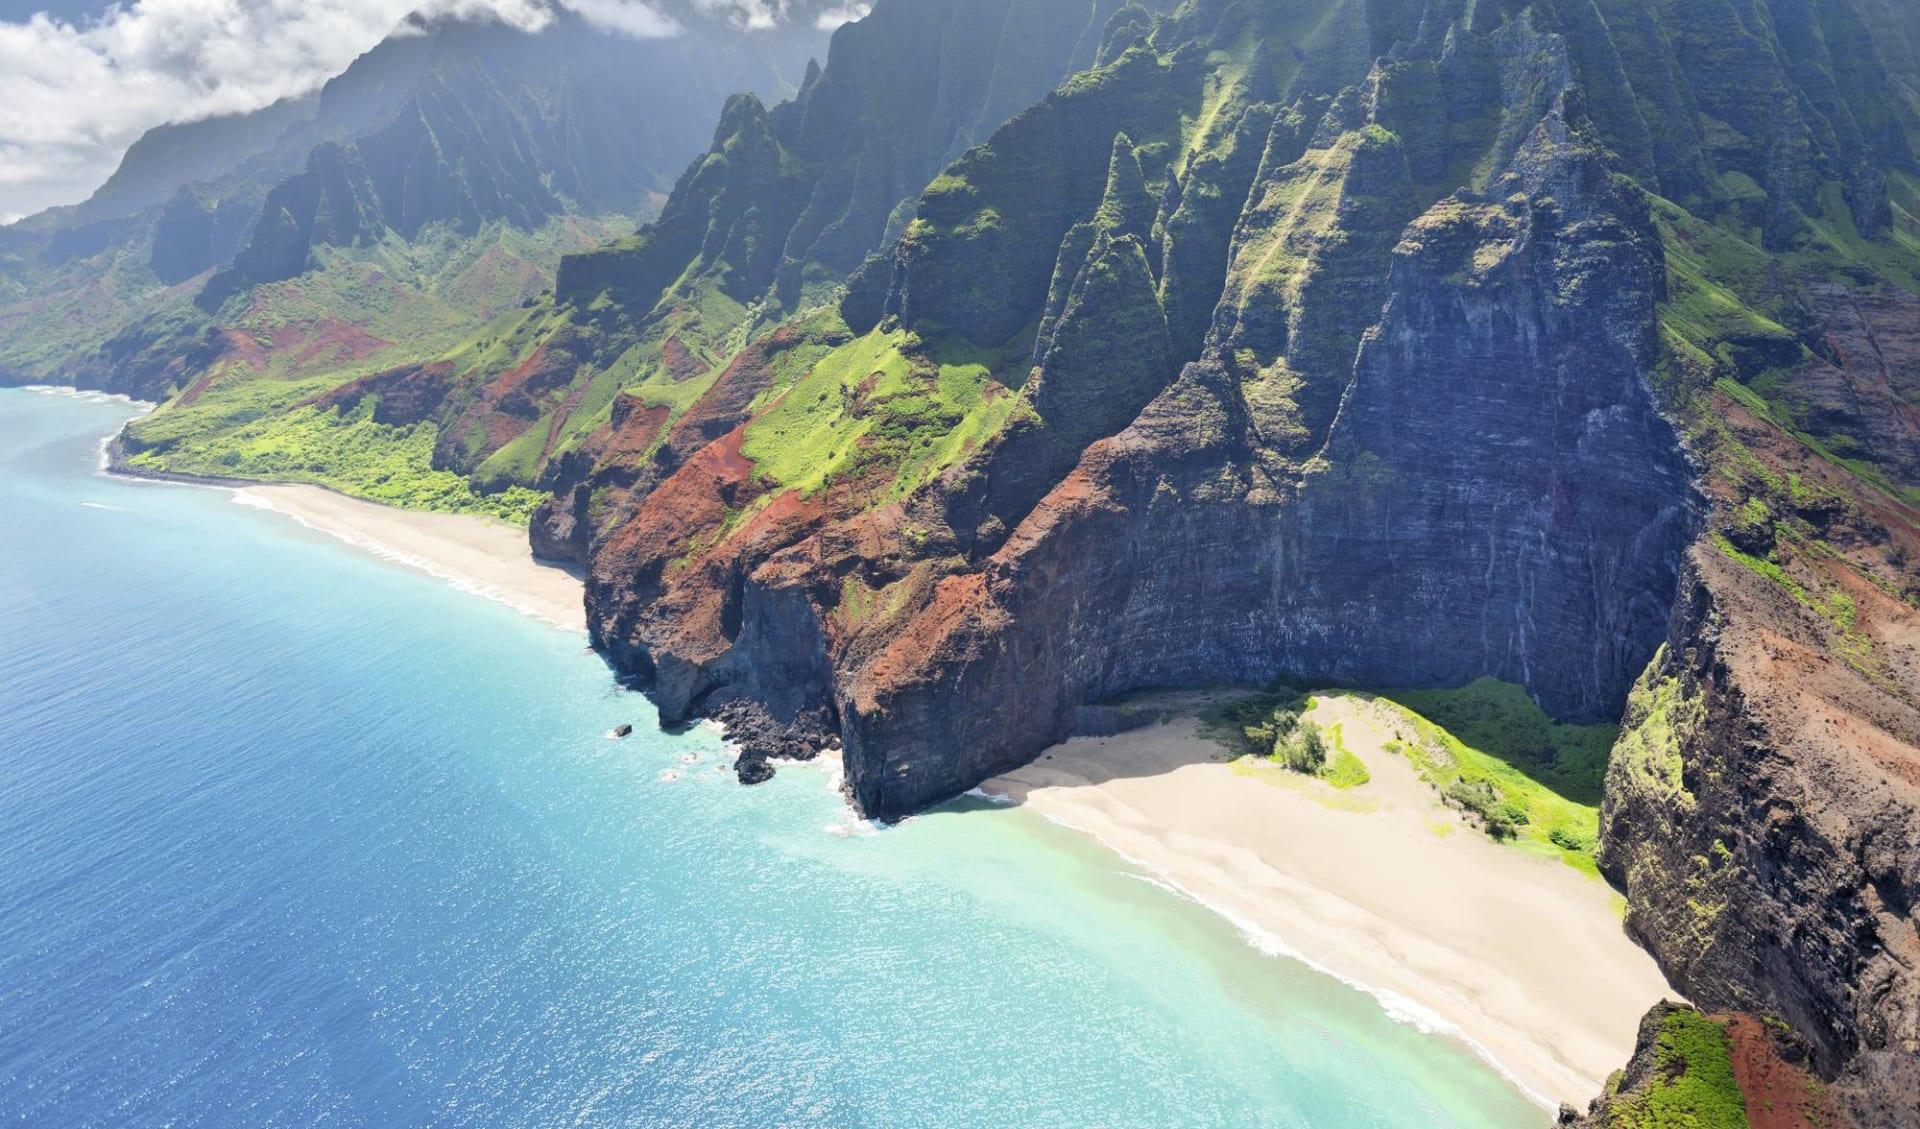 Hawaii Island Hopping ab Honolulu - Oahu: Hawaii - Kauai - Napali Coast